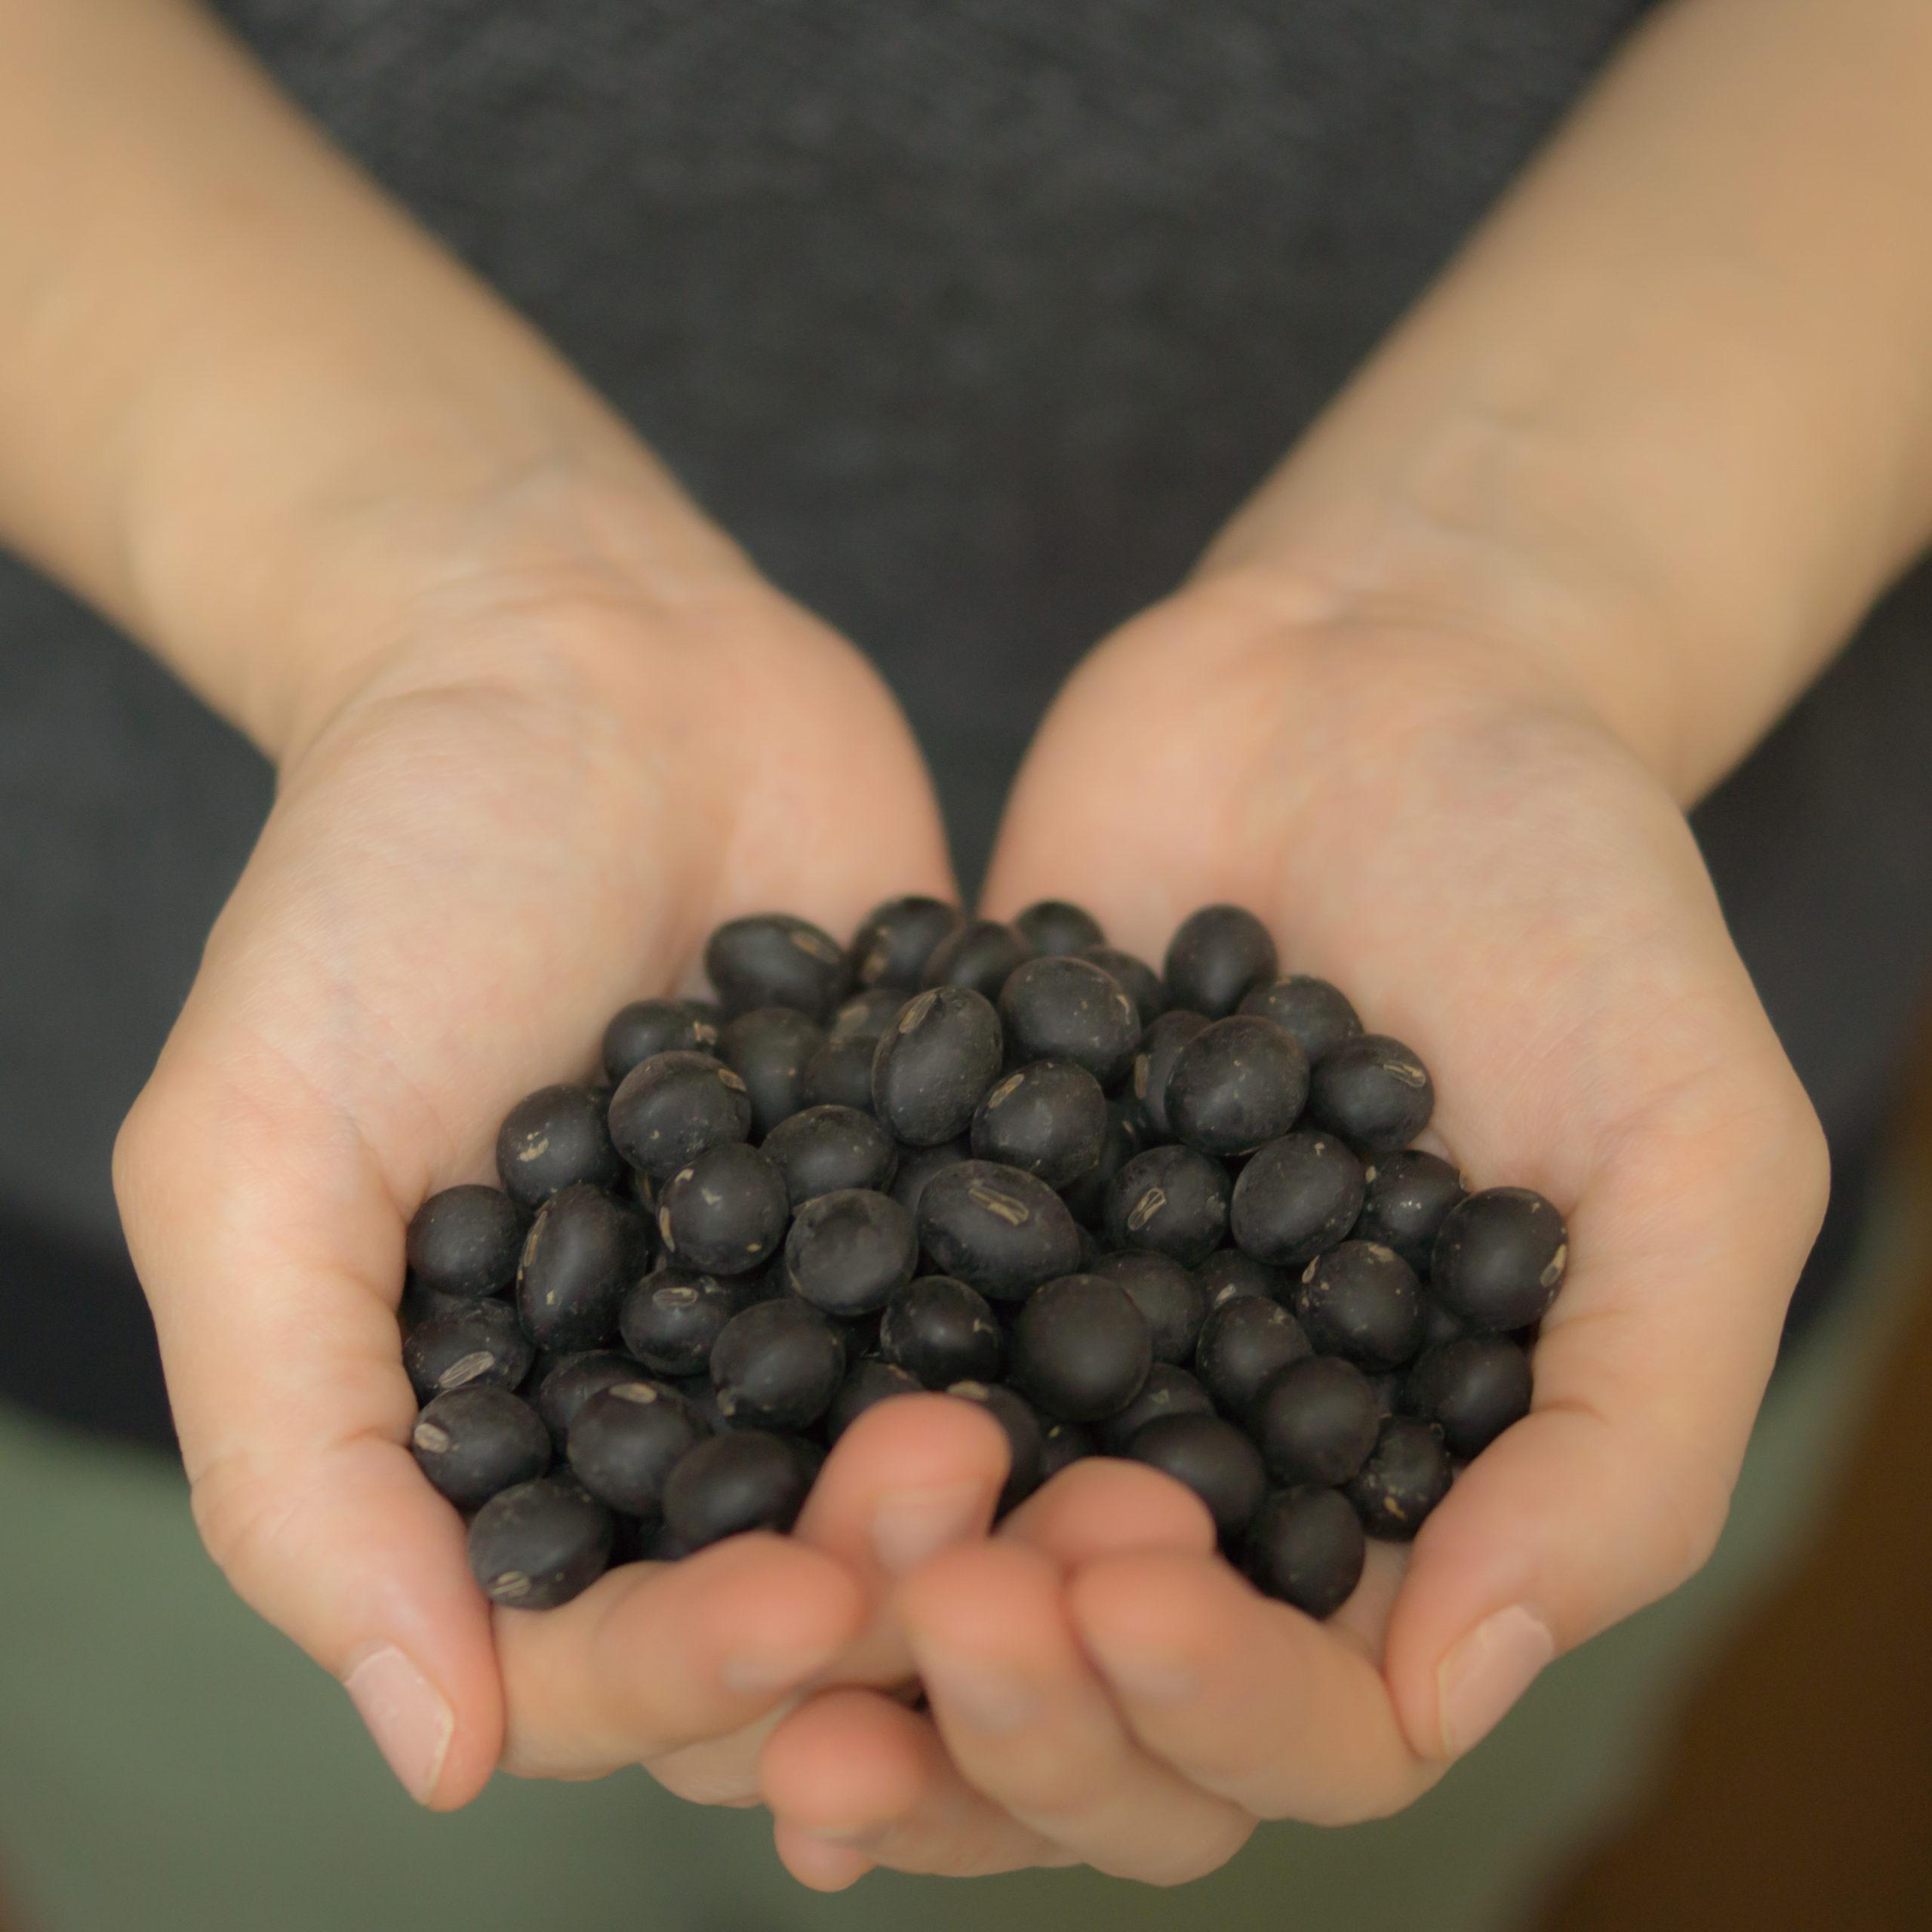 自然栽培の丹波黒枝豆/大豆 3回目の総括